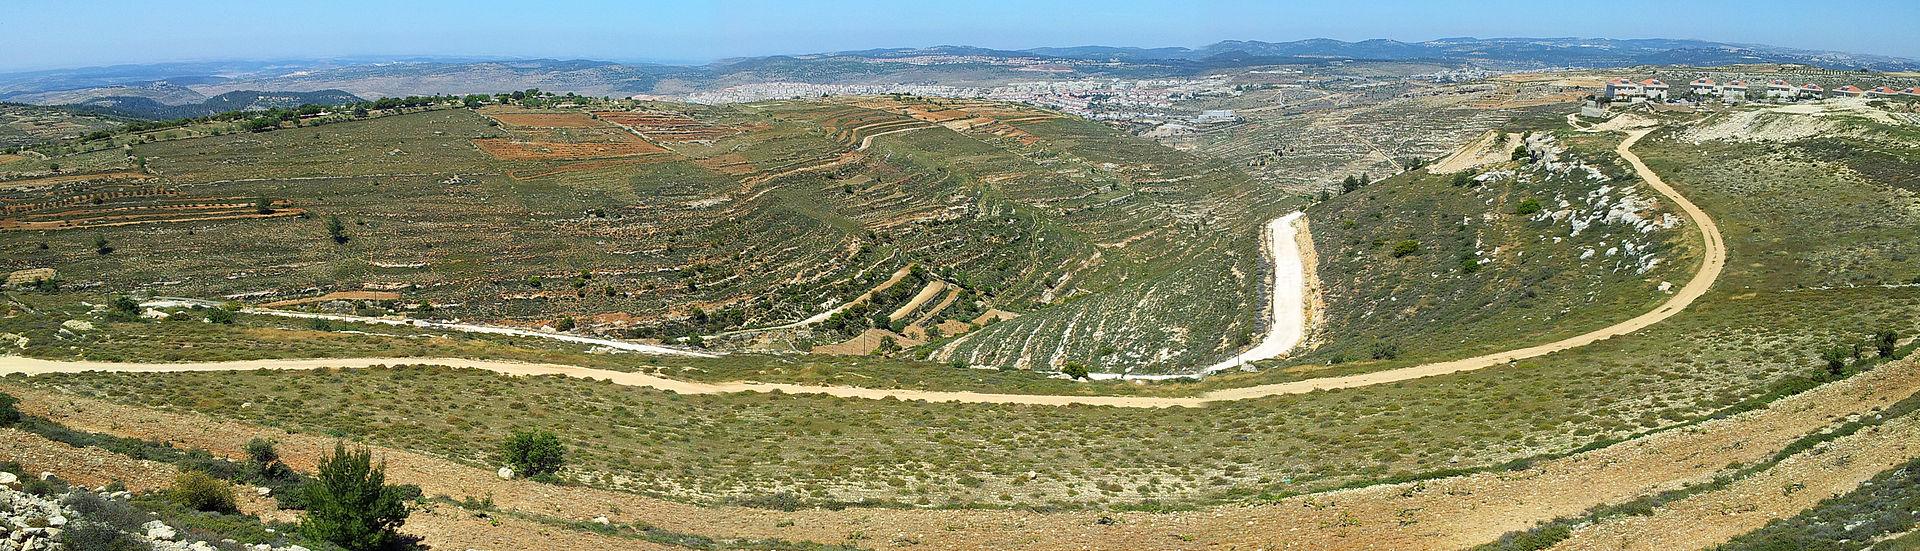 NeveDaniel panorama (13056269243).jpg